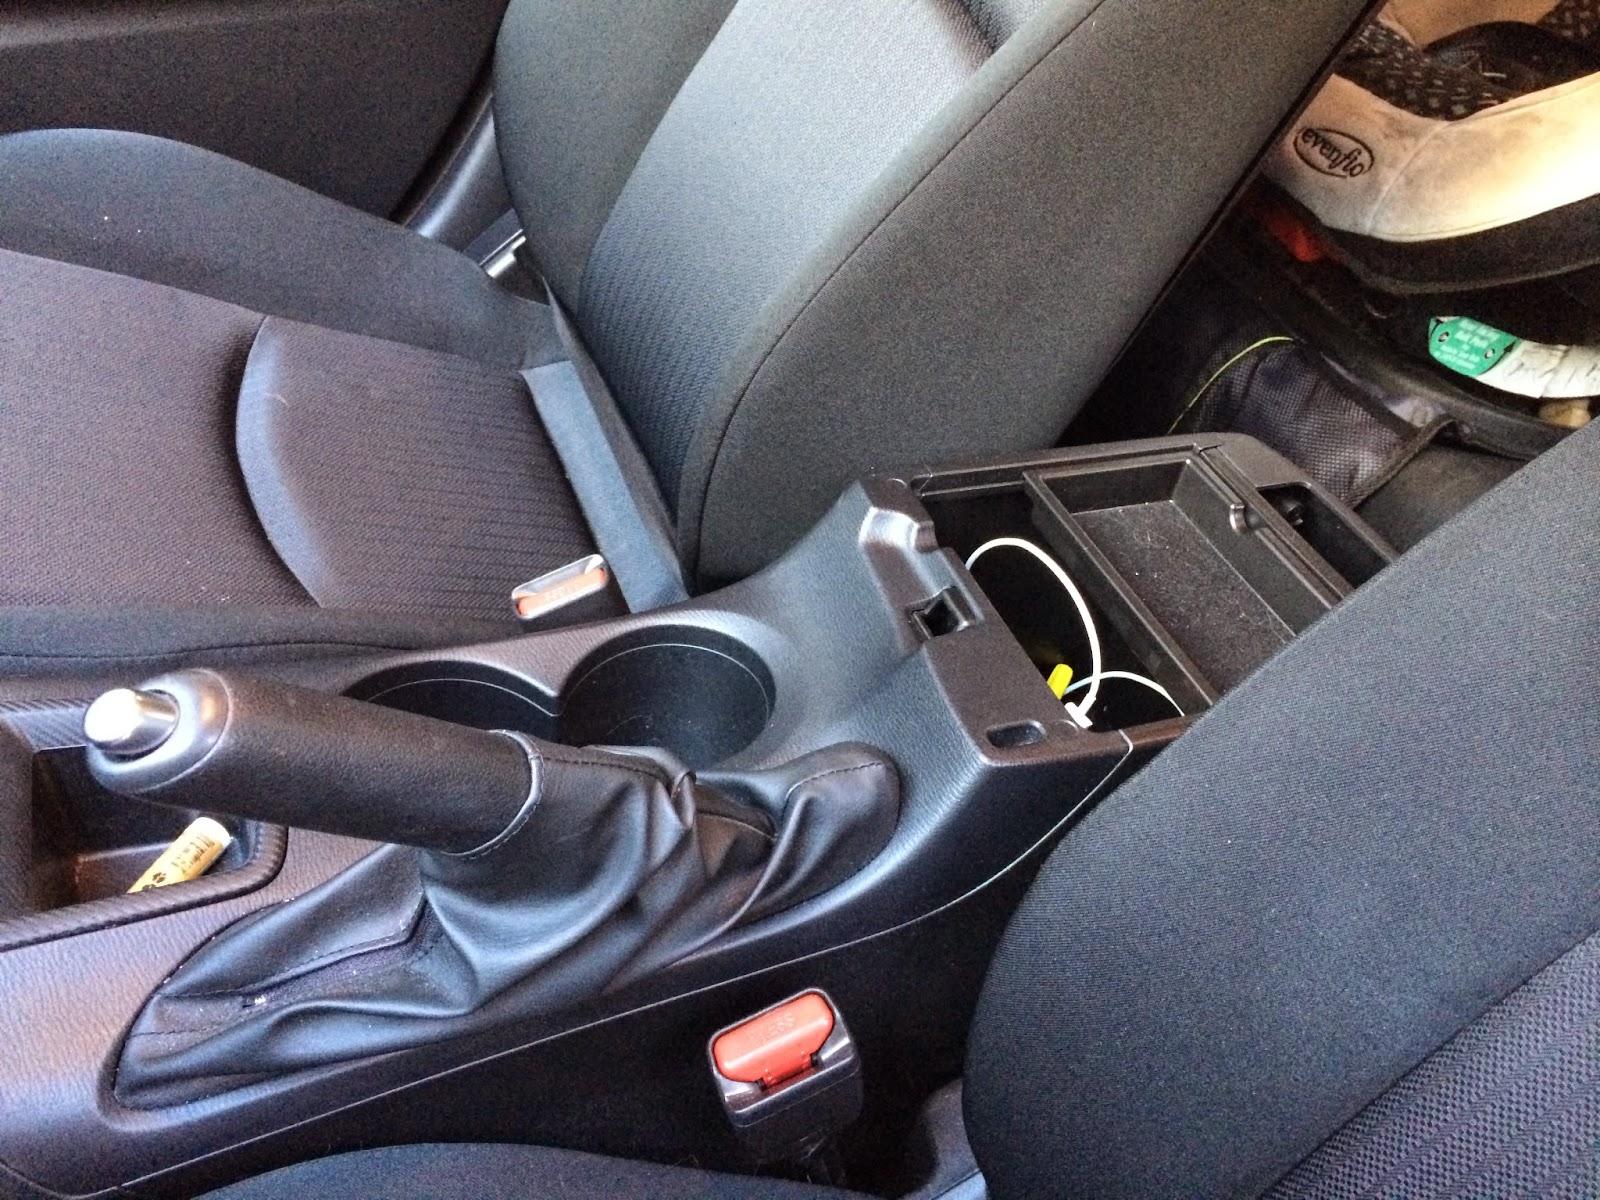 2015 Mazda3 center console